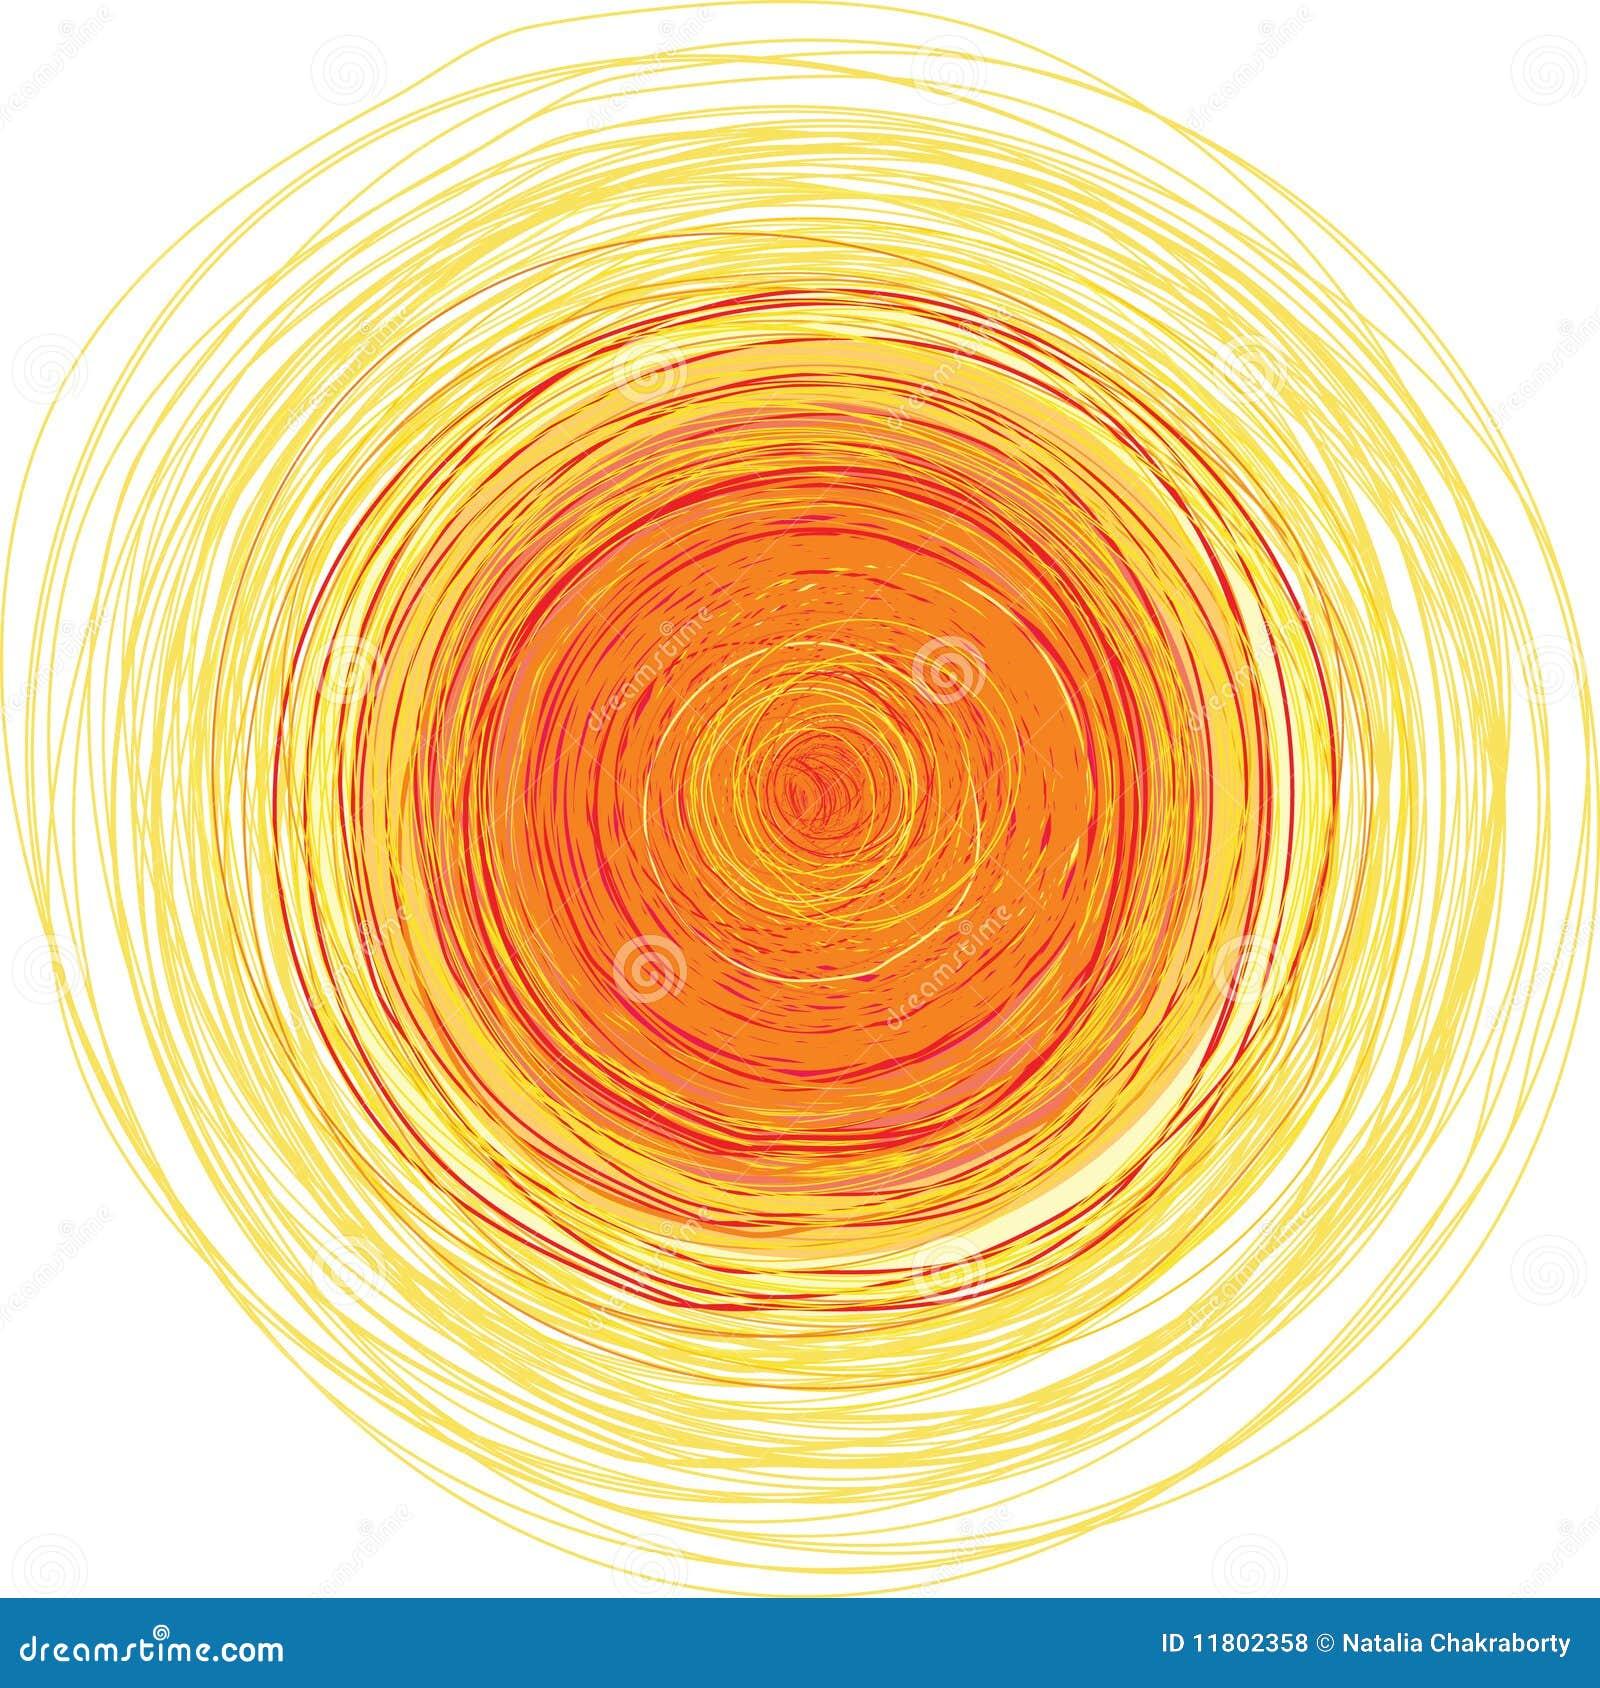 * Ese elemento agua * - Página 4 Ilustraci%C3%B3n-pulso-del-vector-del-sol-brillante-11802358